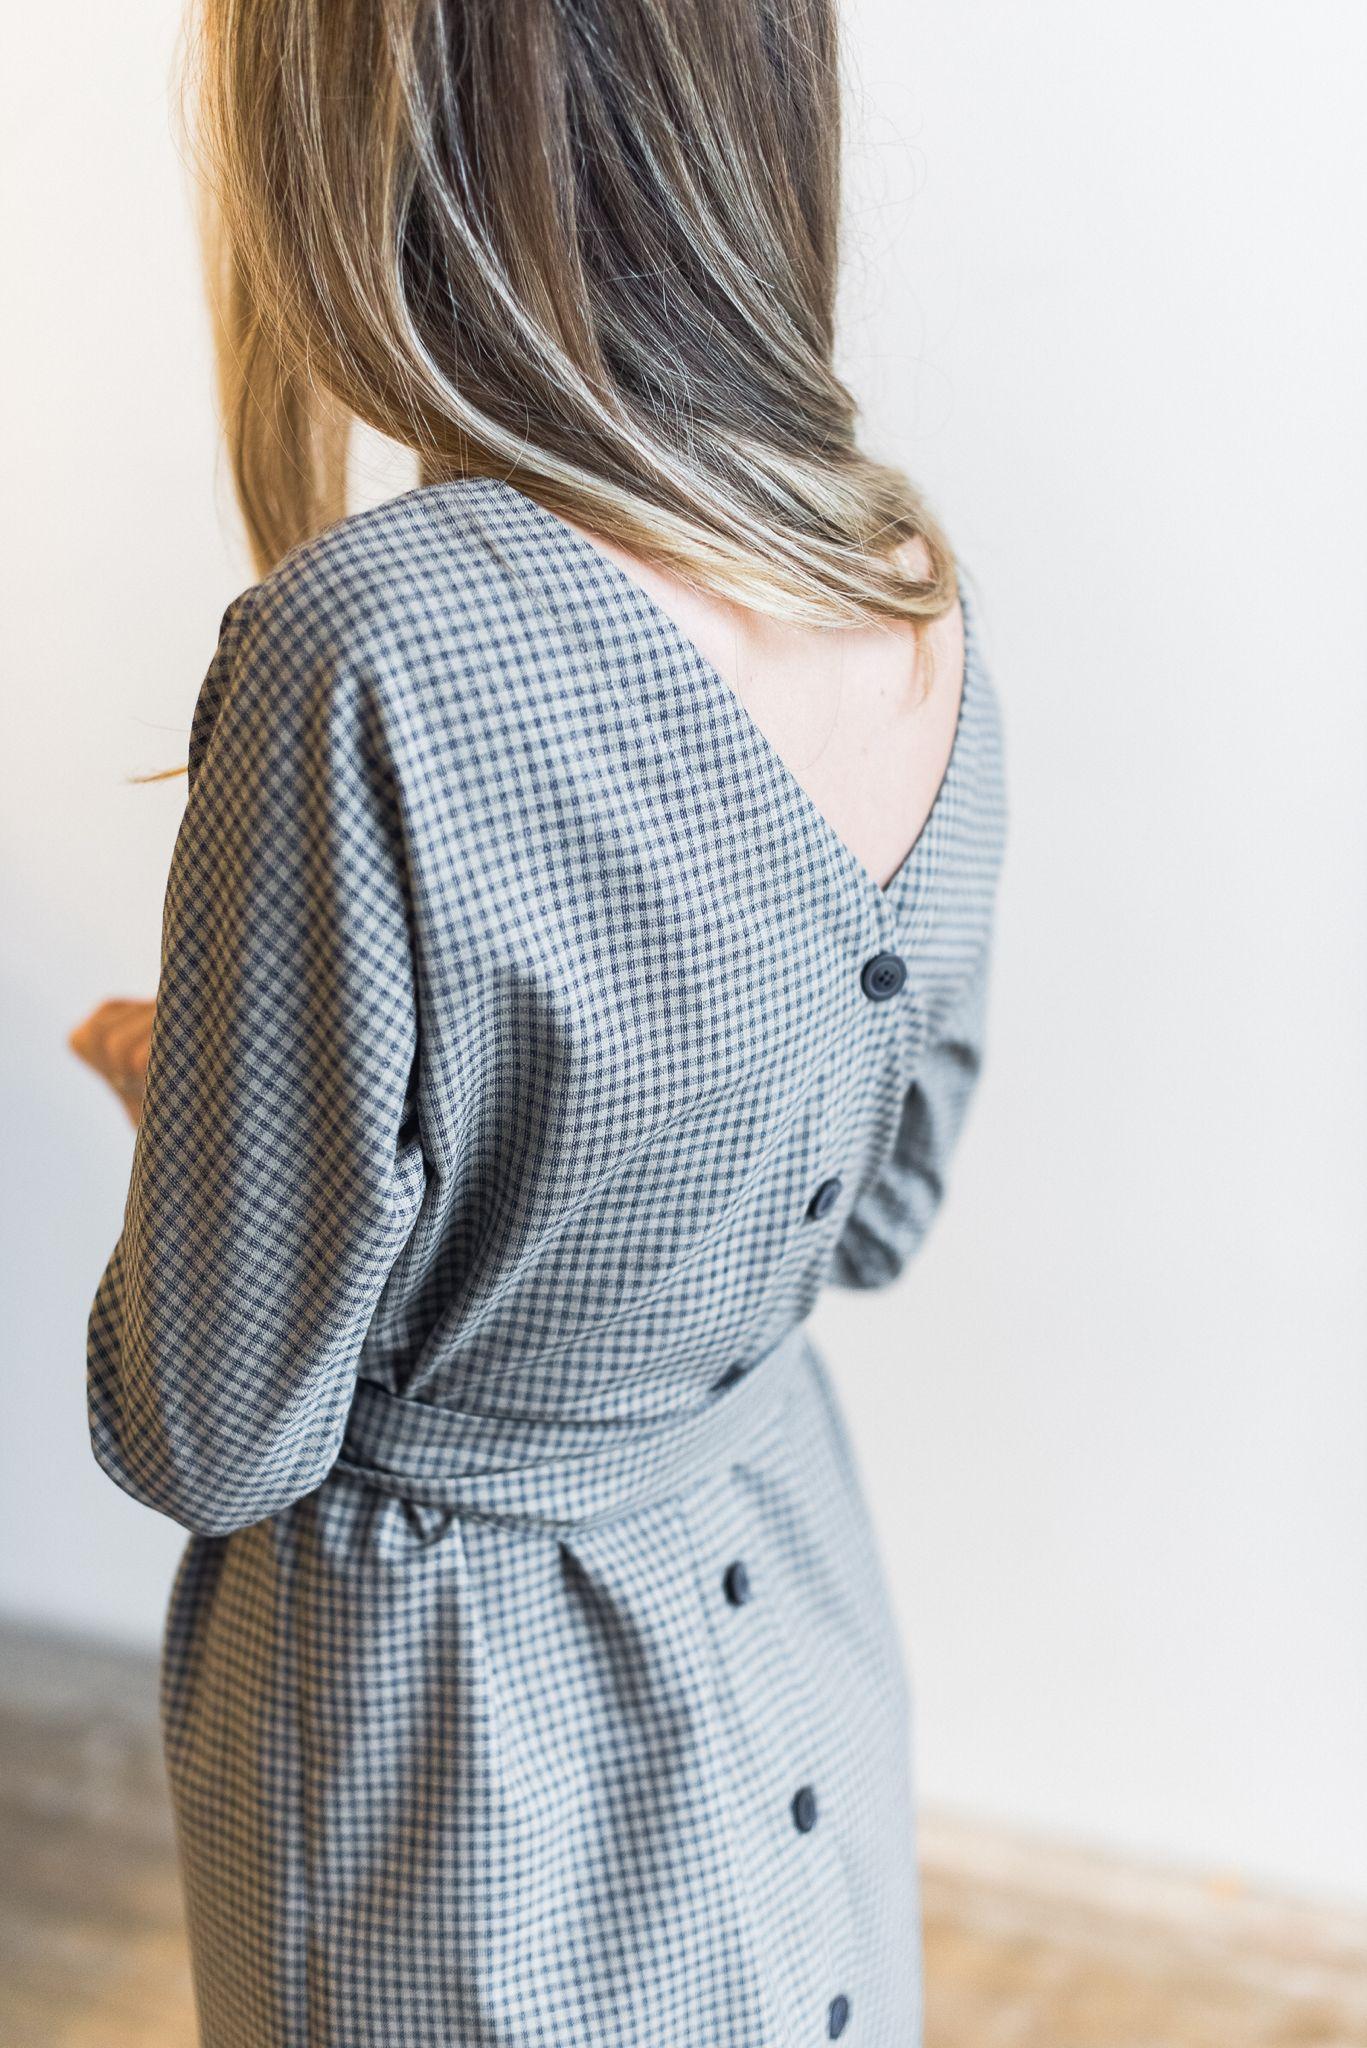 Сшить платье на пуговицах на спине